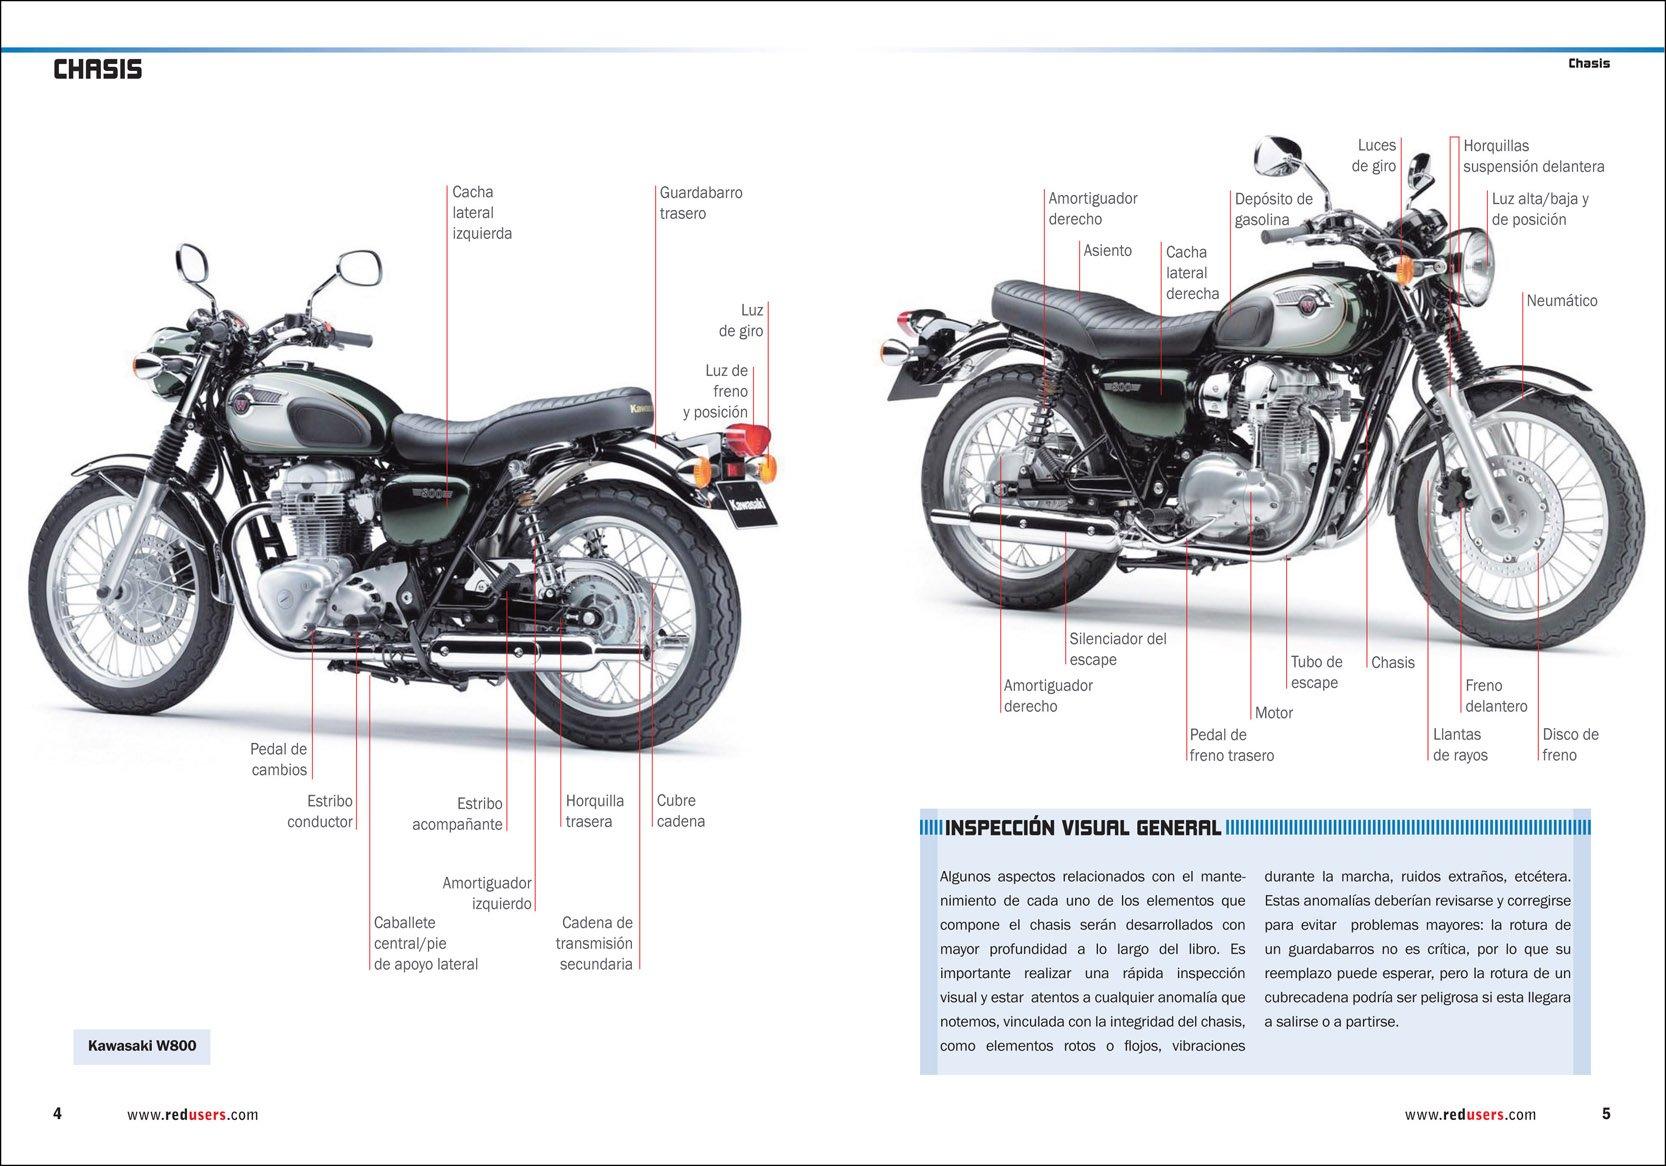 Motos - Motores de 2 y 4 tiempos (Spanish Edition): Hernán Pesis, USERS, Espaniol Español Espanol: 9789877340532: Amazon.com: Books